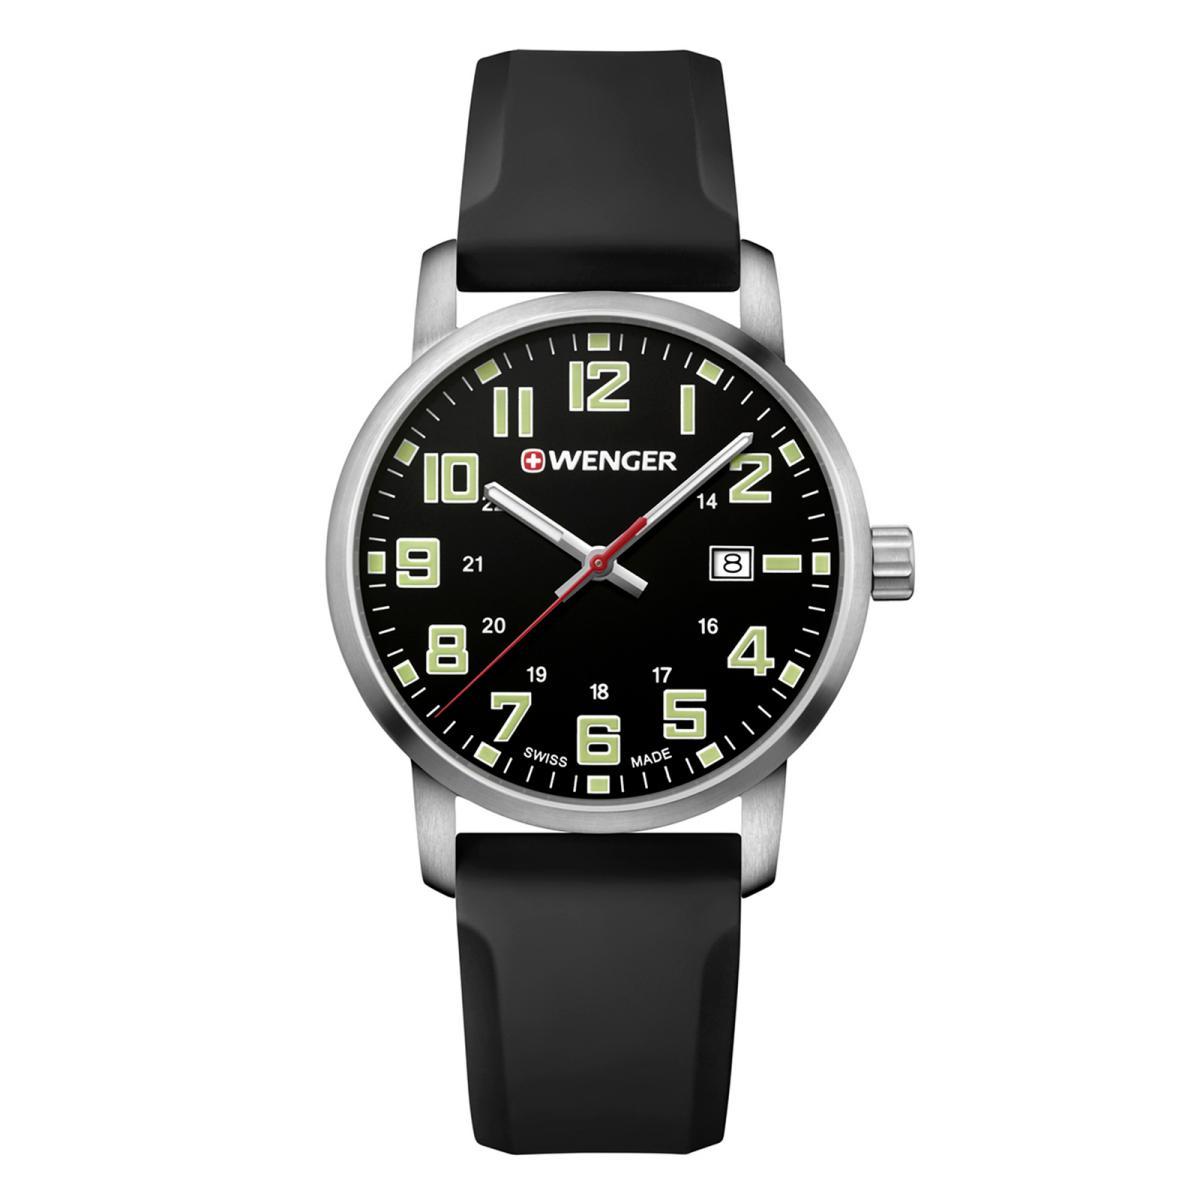 53fa82a7d4f1 Reloj Wenger - 01.1641.110 - Hombre - Time Square